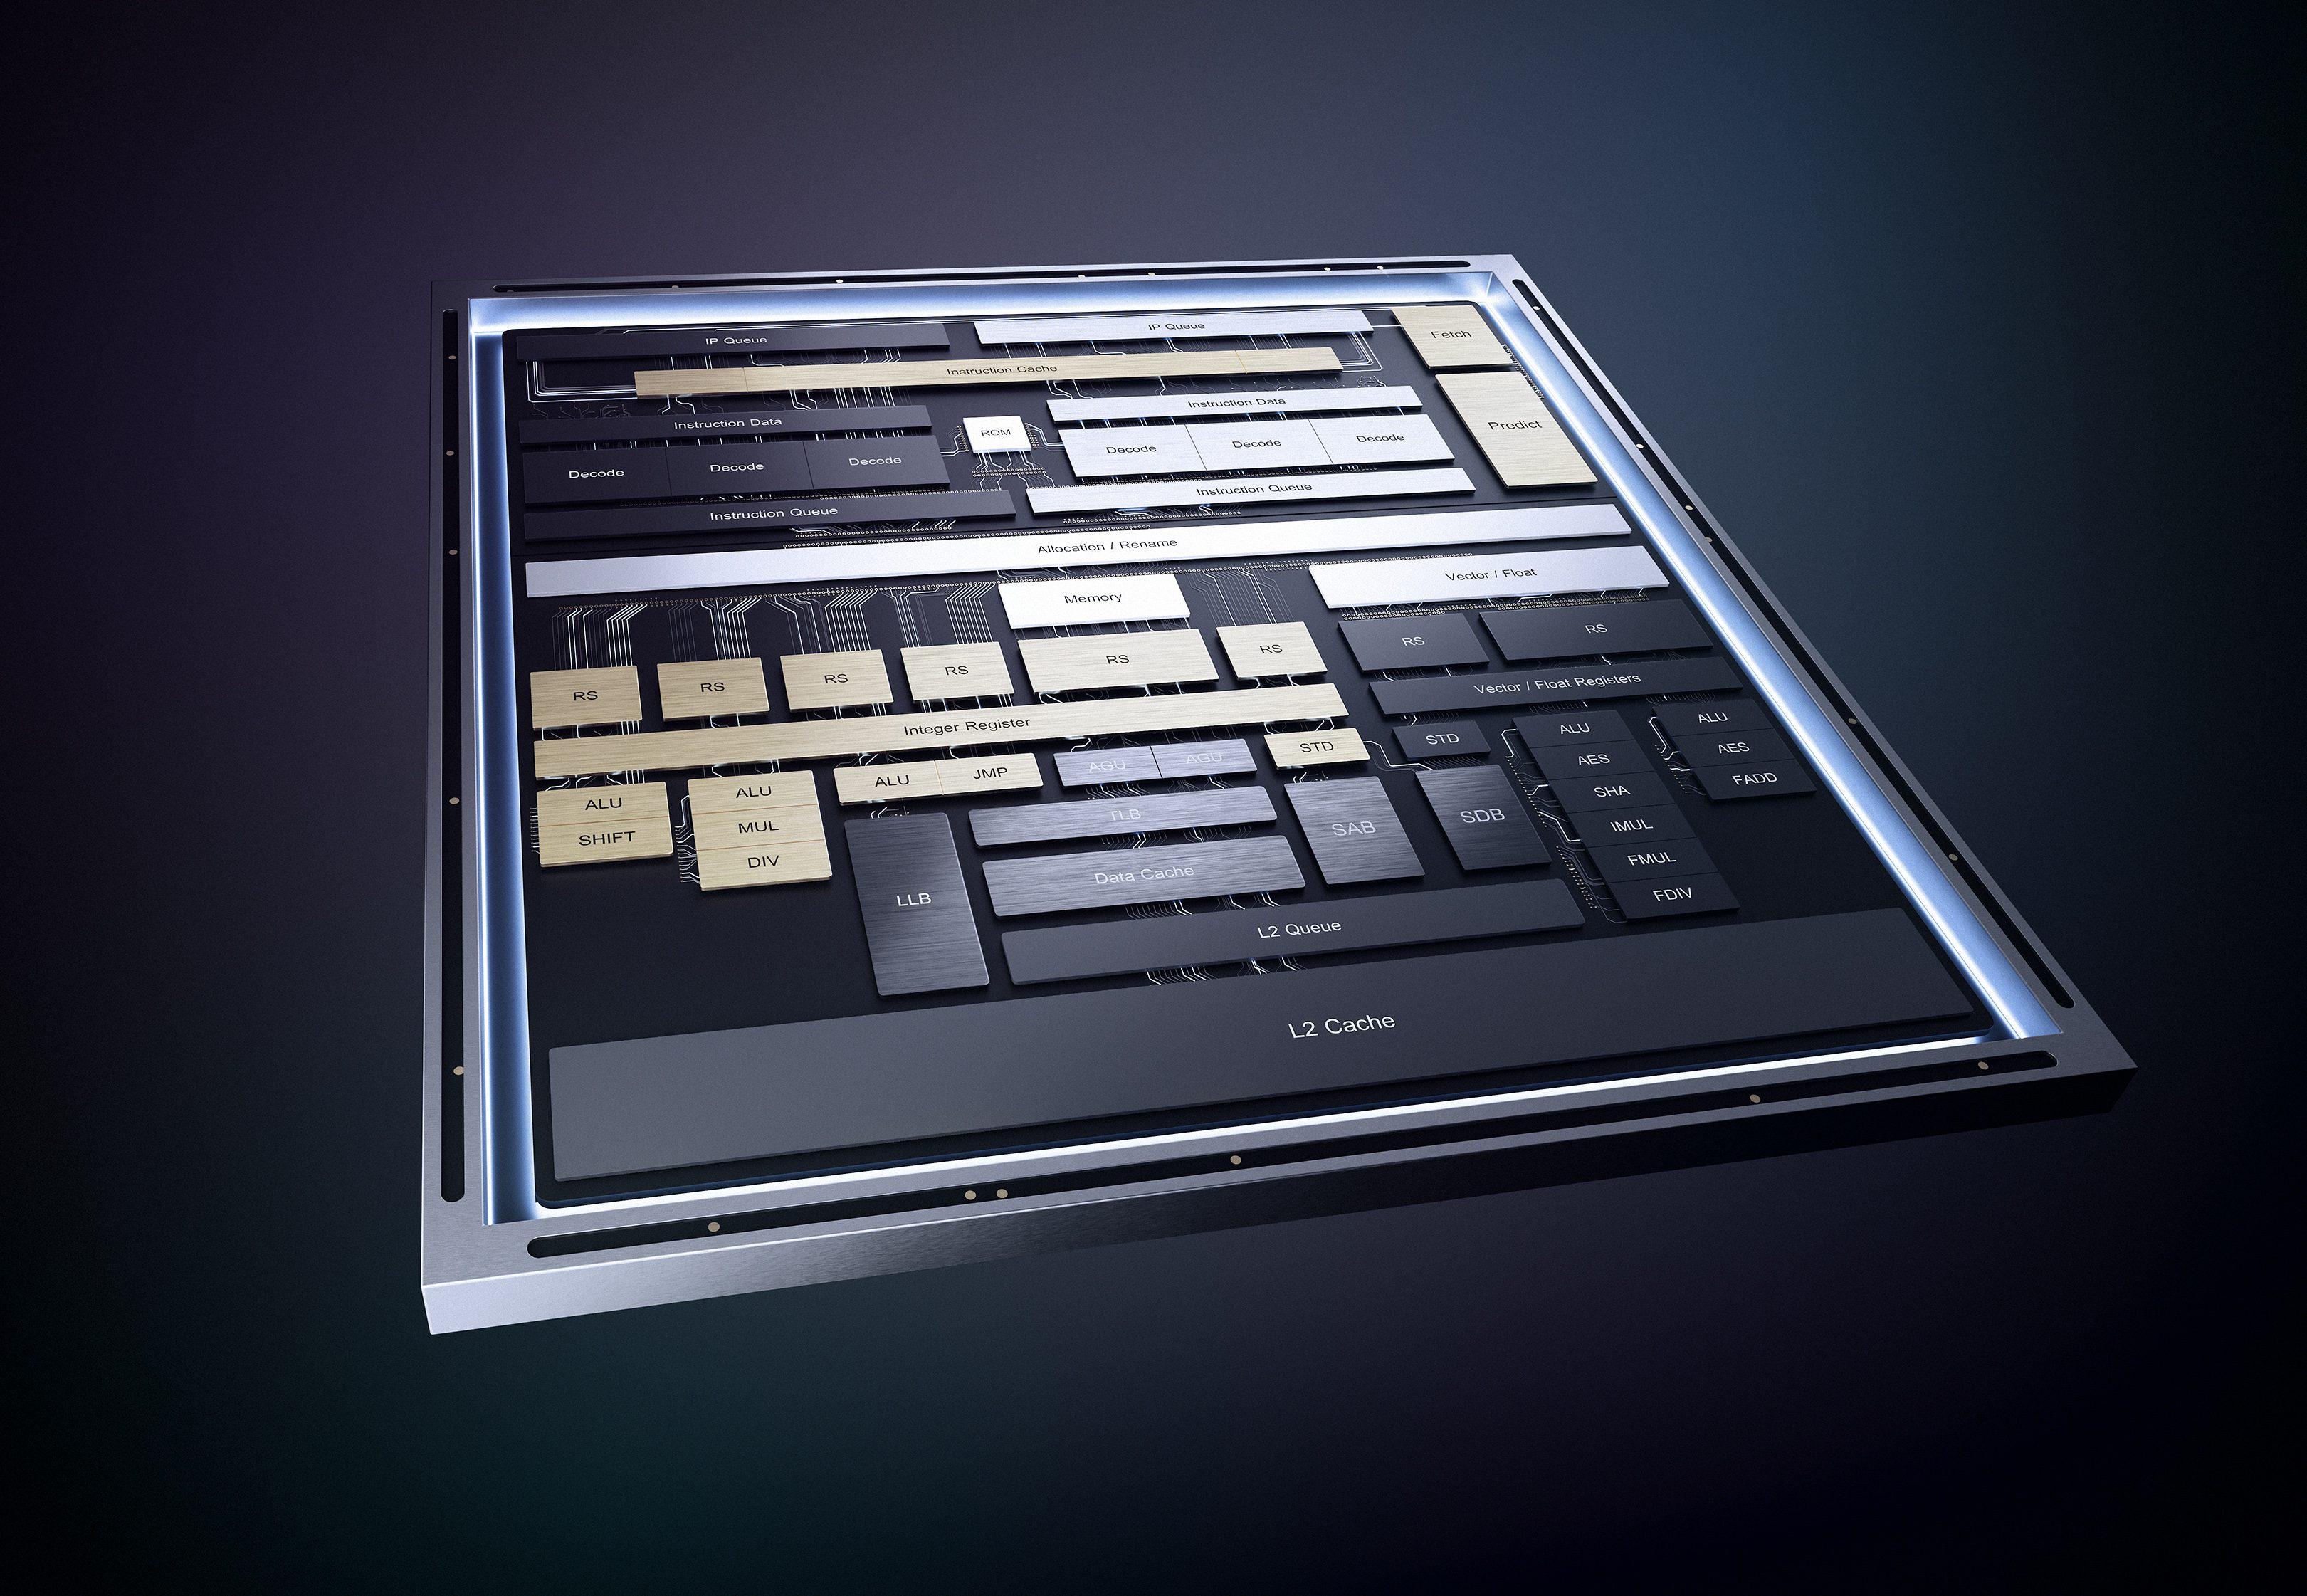 Microsoft Surface Neo królikiem doświadczalnym nowej architektury procesorów Intel Tremont